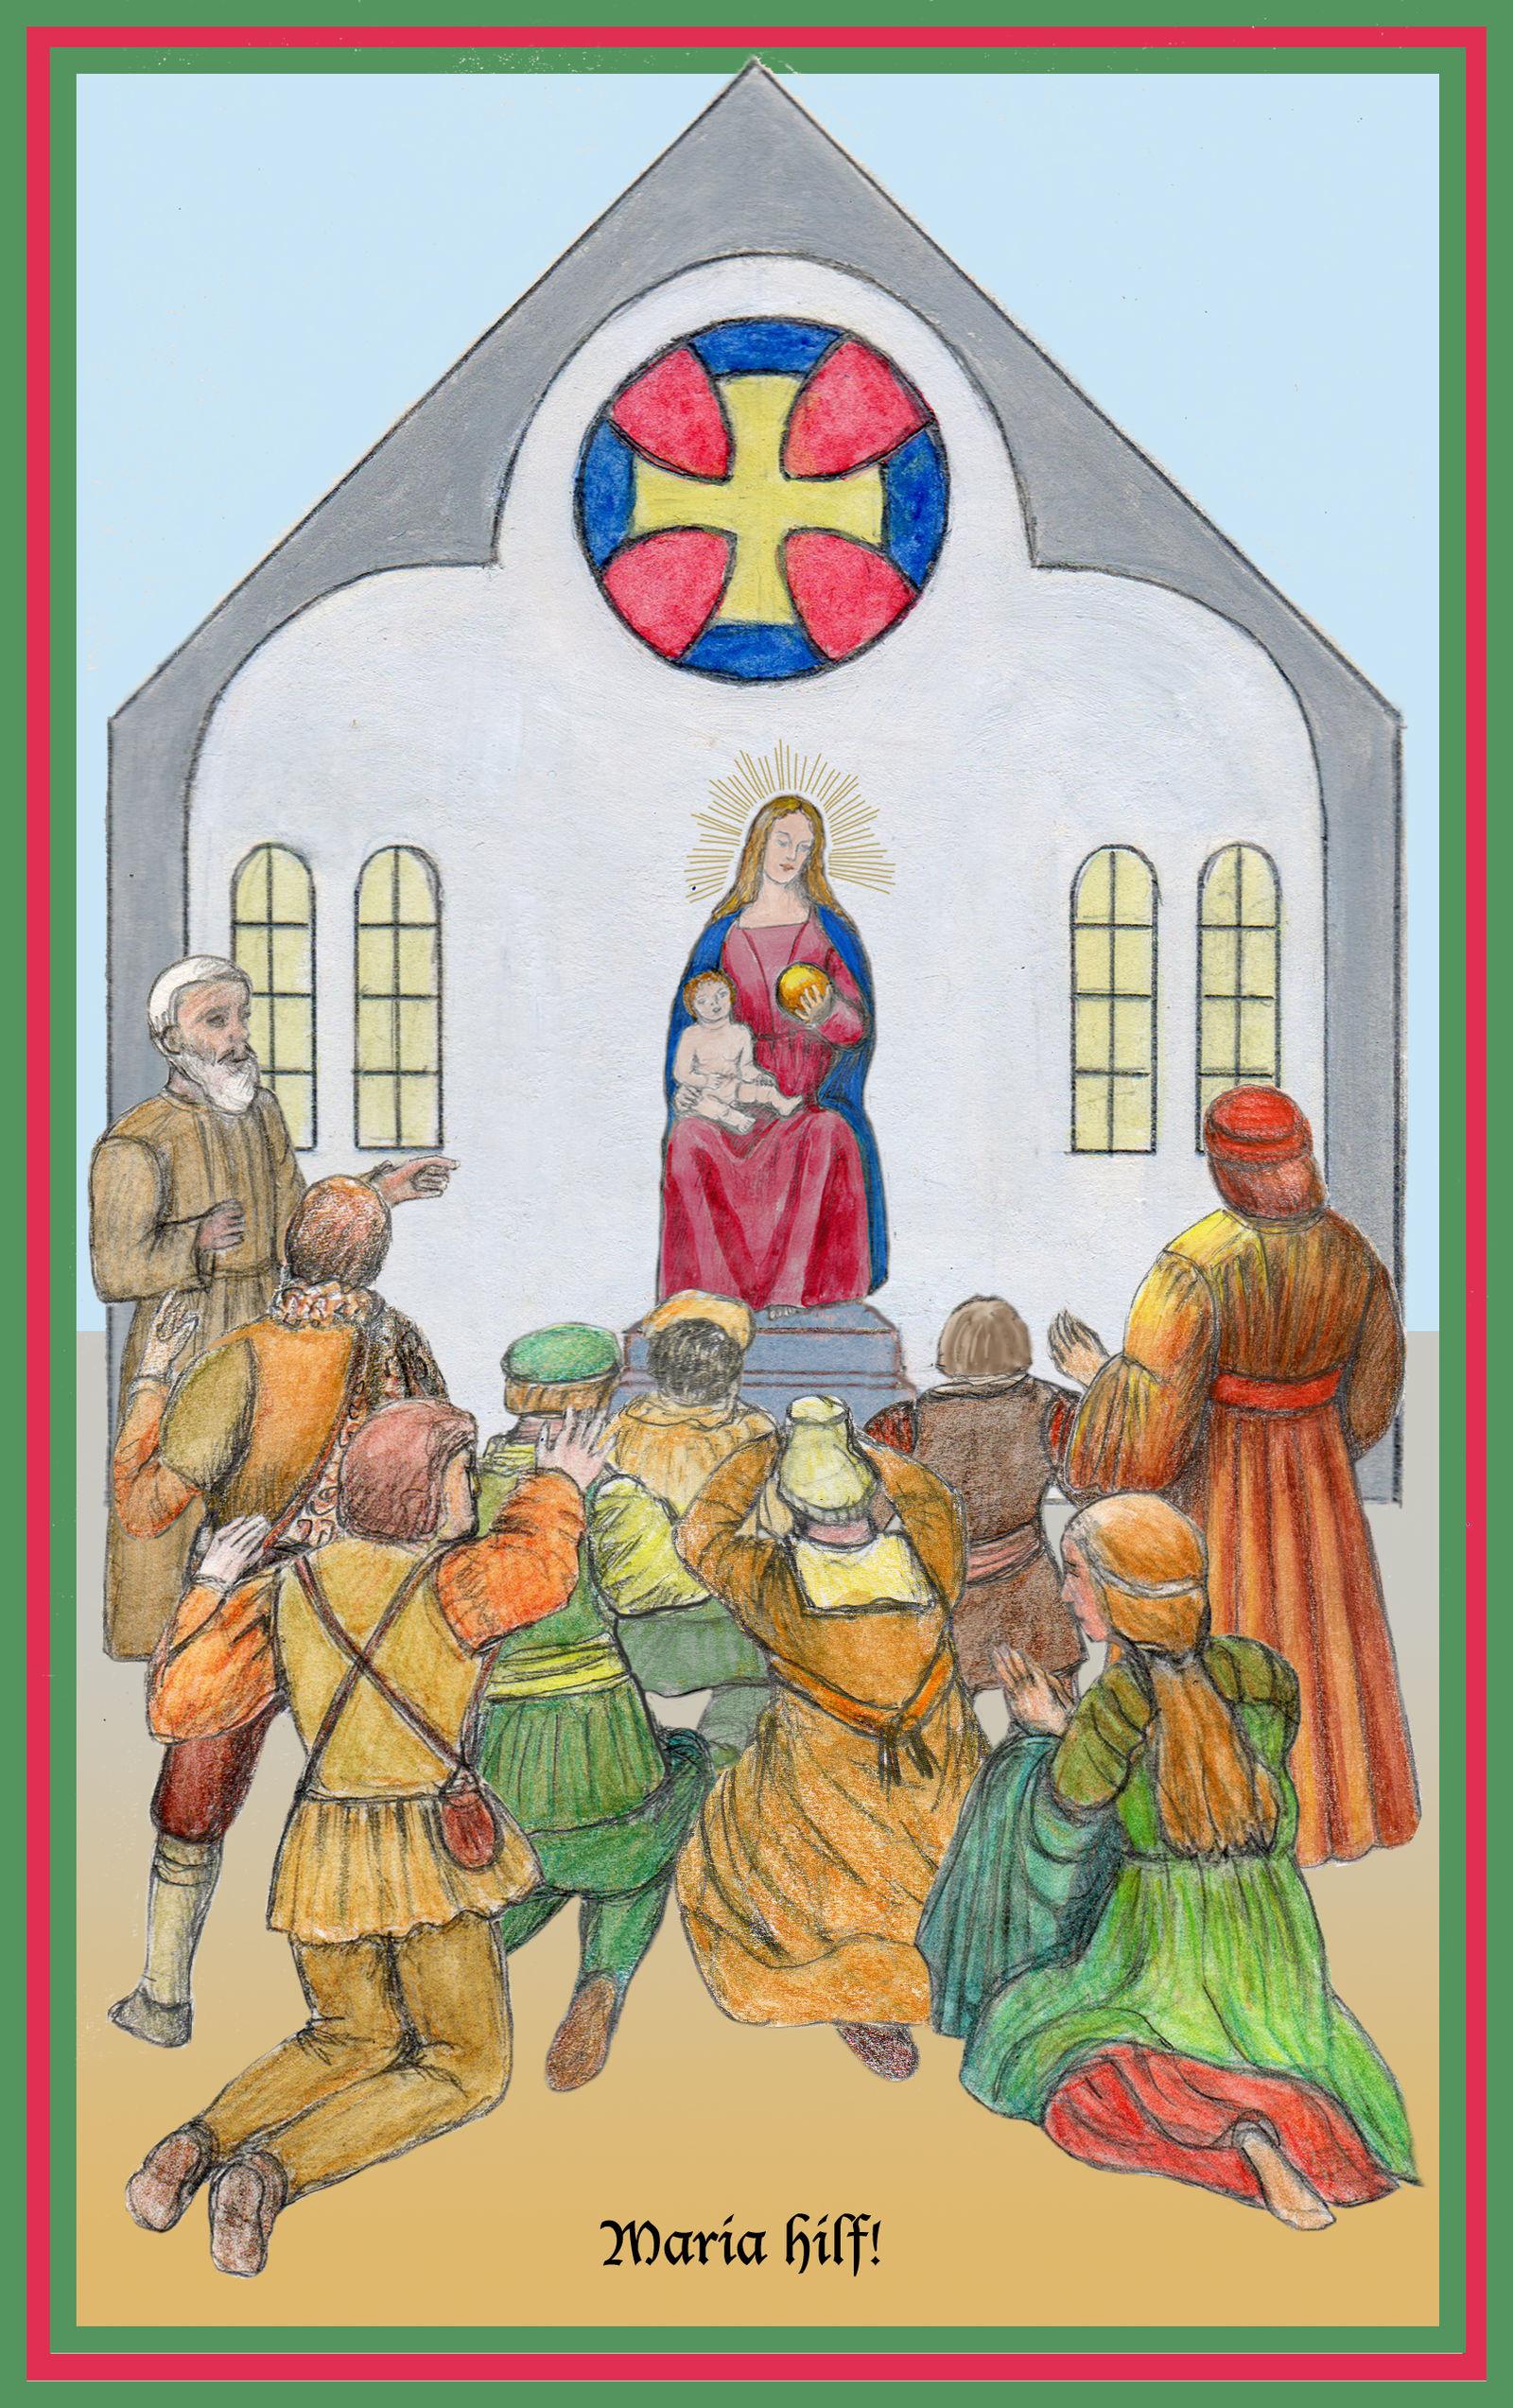 Anbetung der Maria